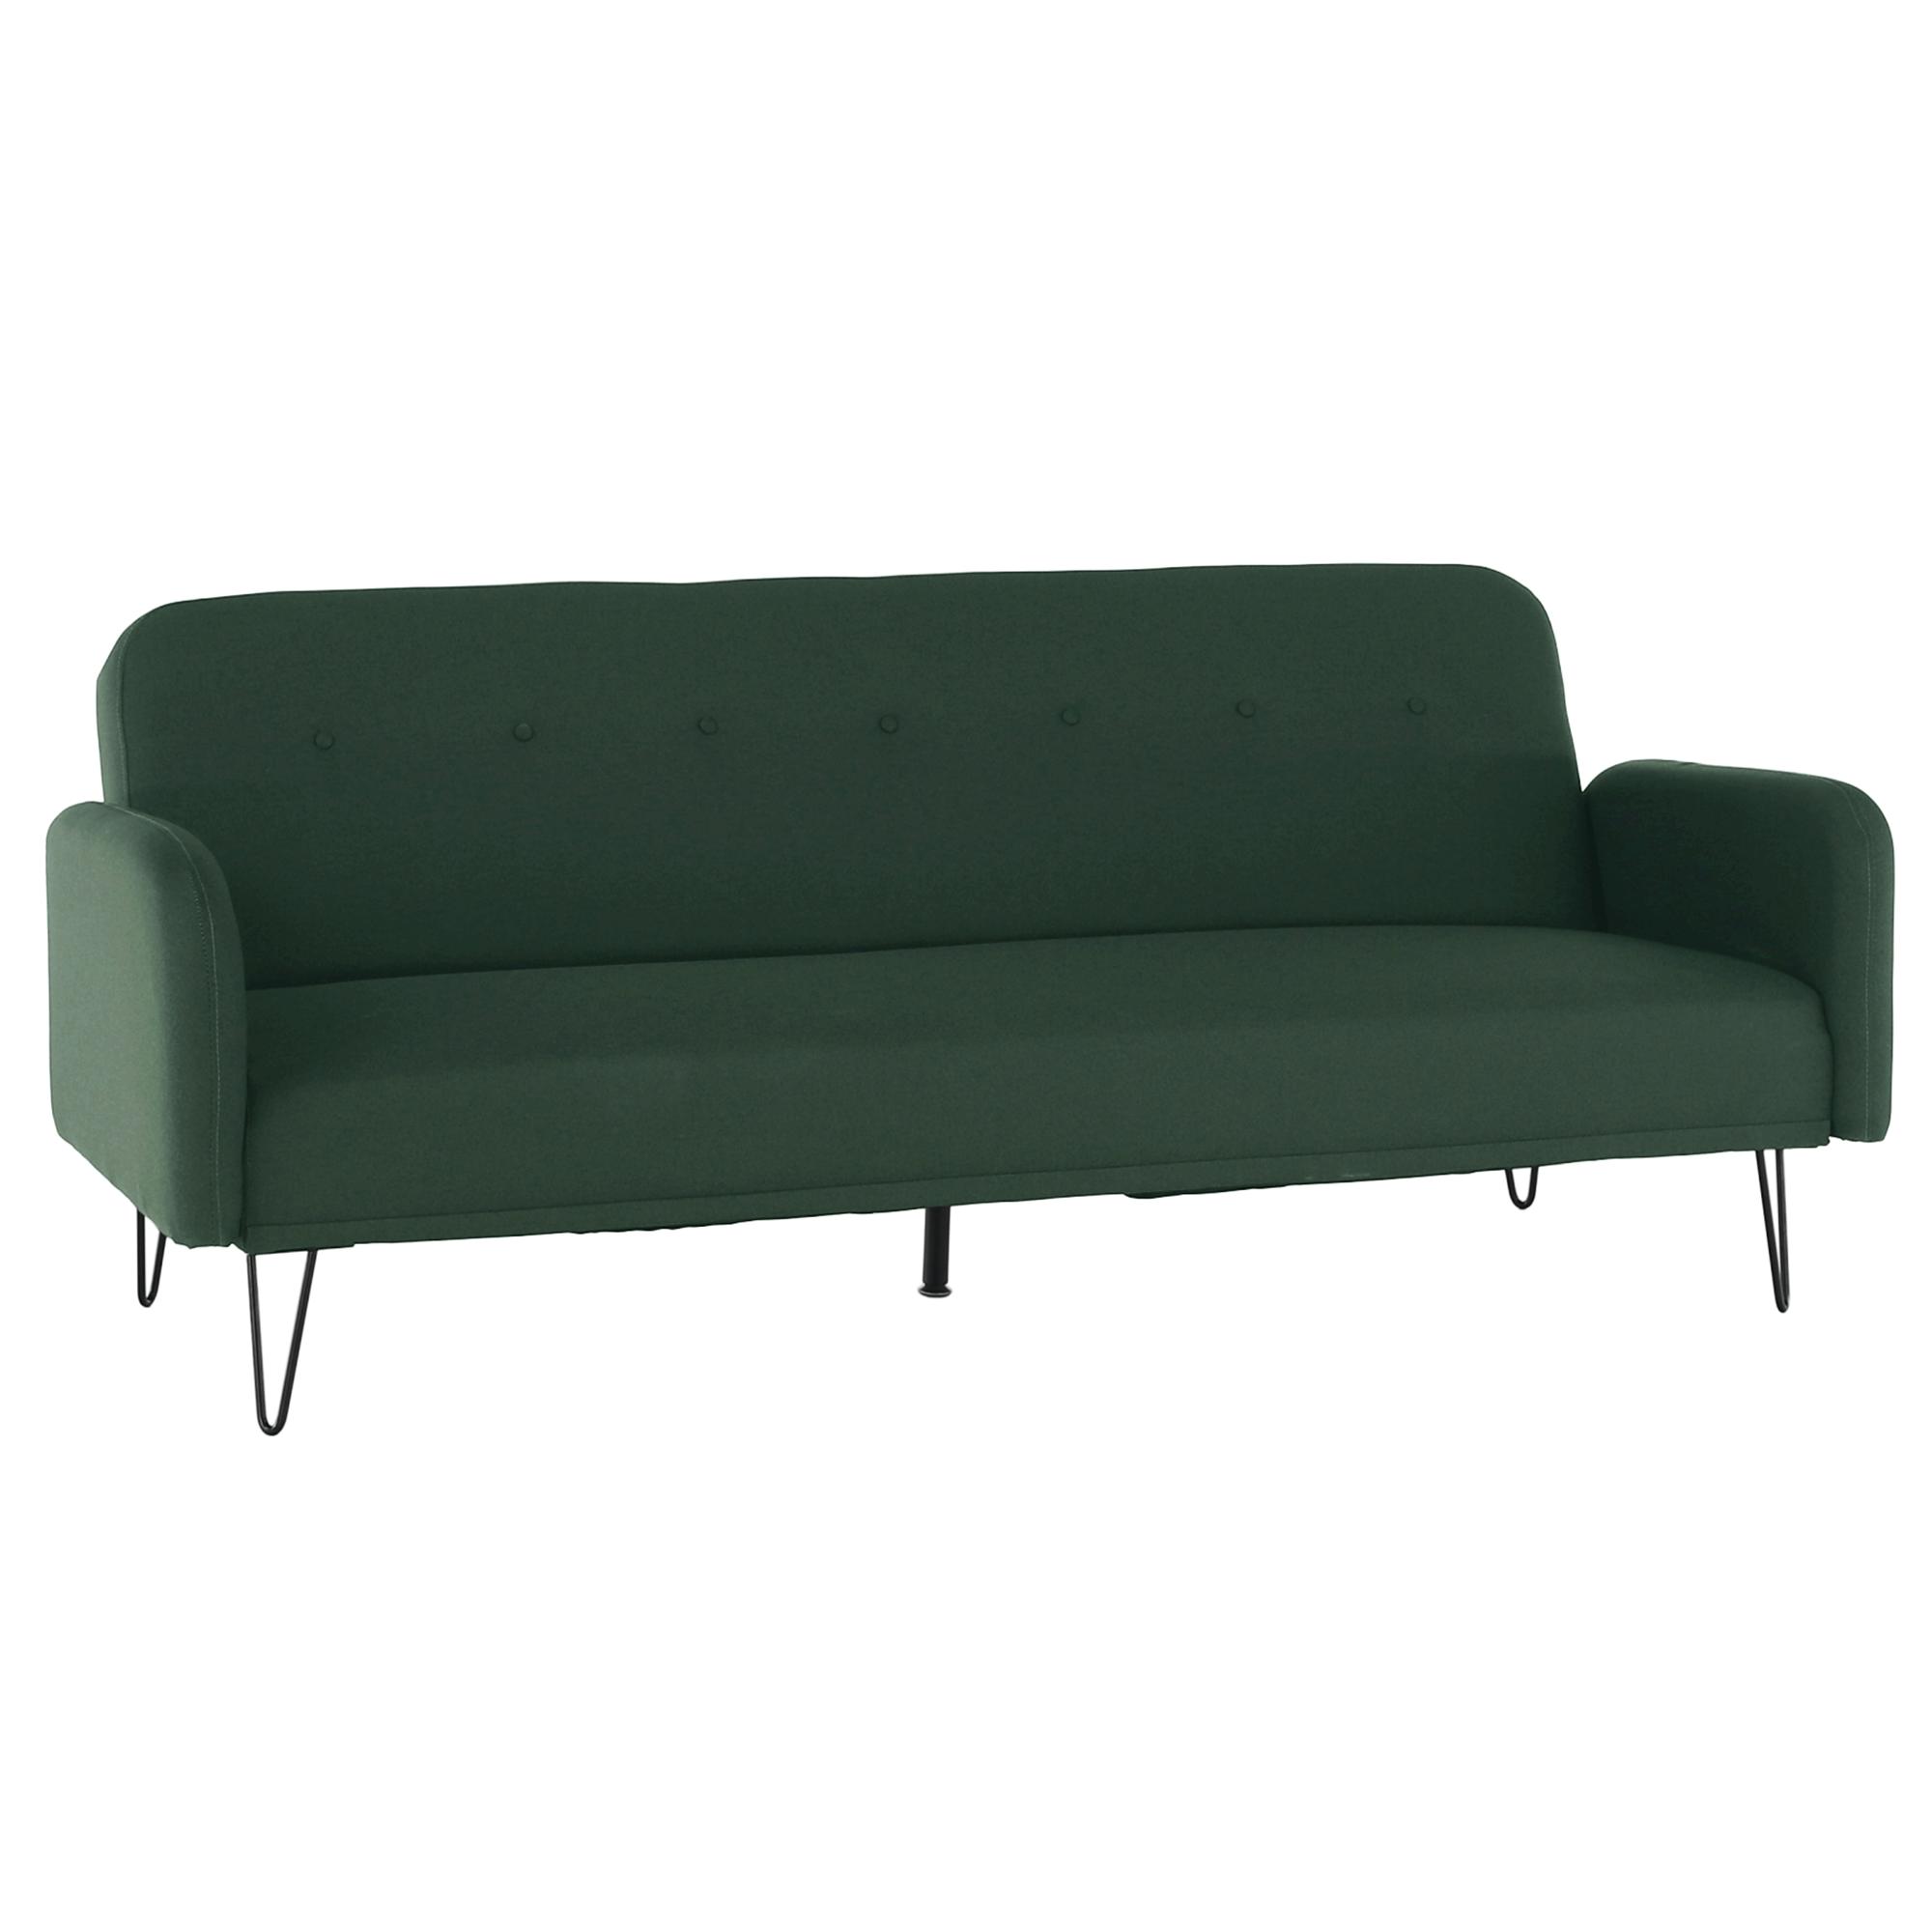 Canapea extensibilă, verde, PULSA